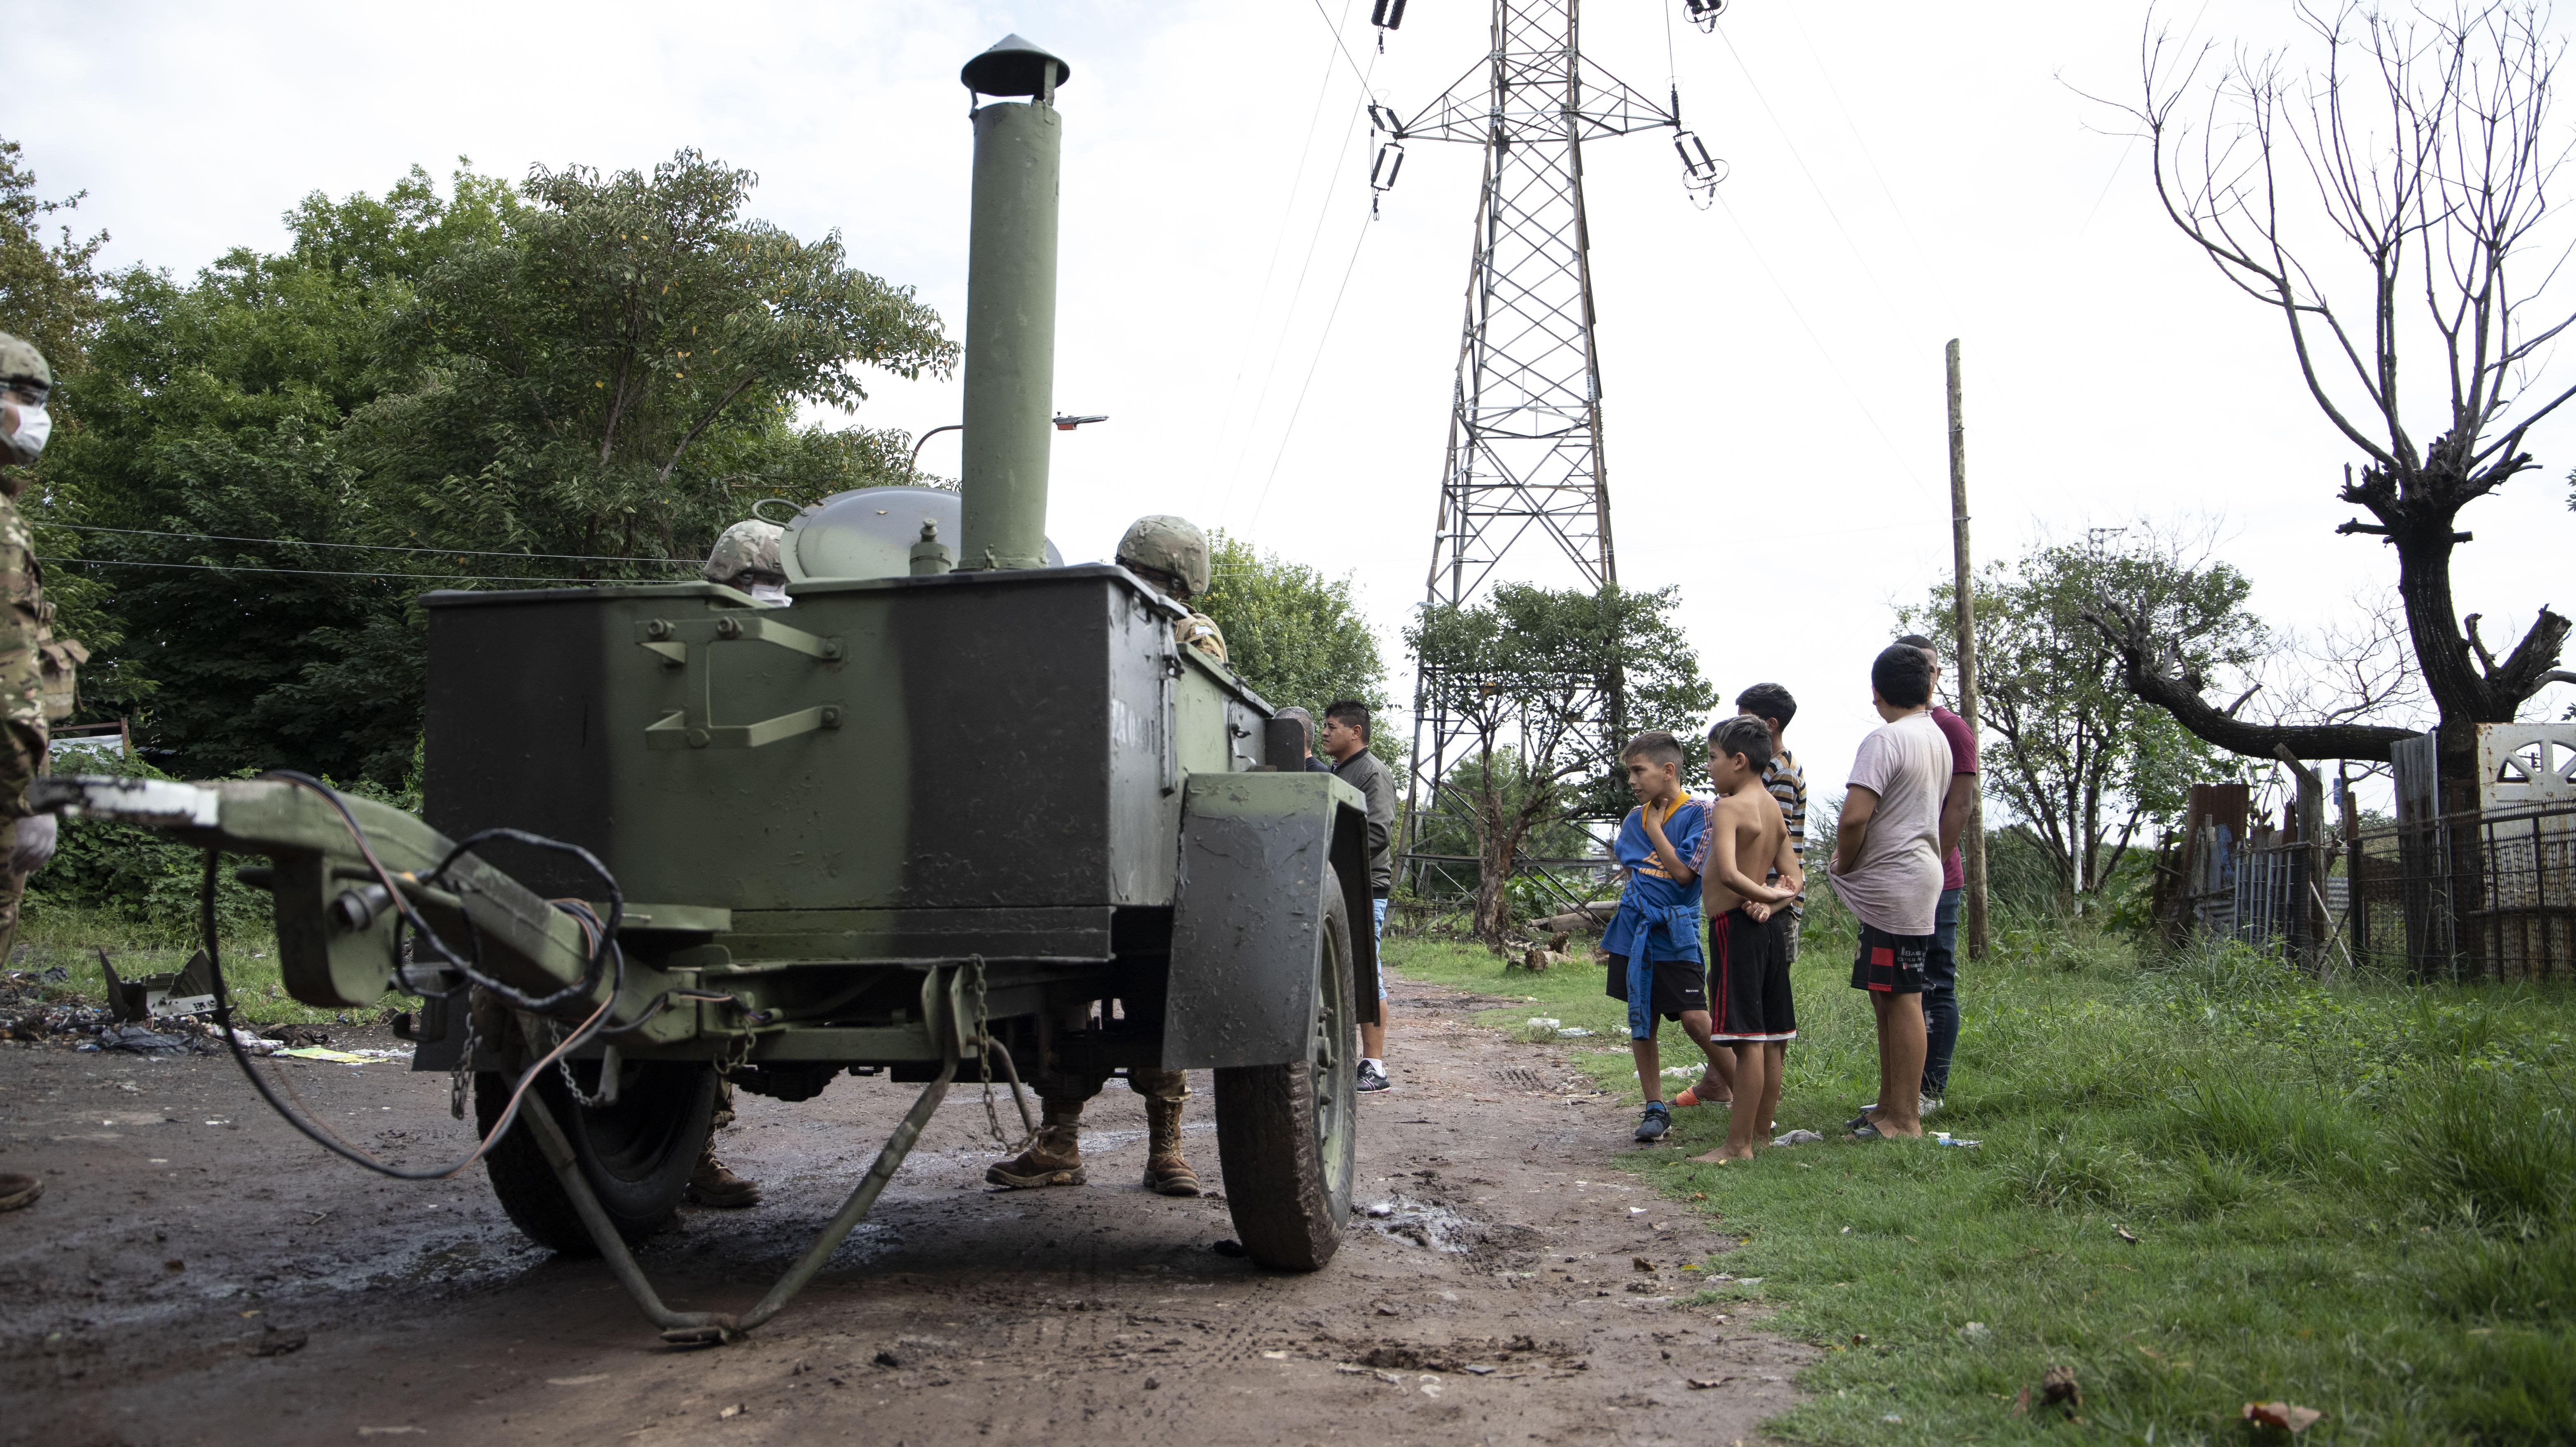 Un grupo de chicos espera un plato de comida en uno de los puntos de concentración del campamento militar